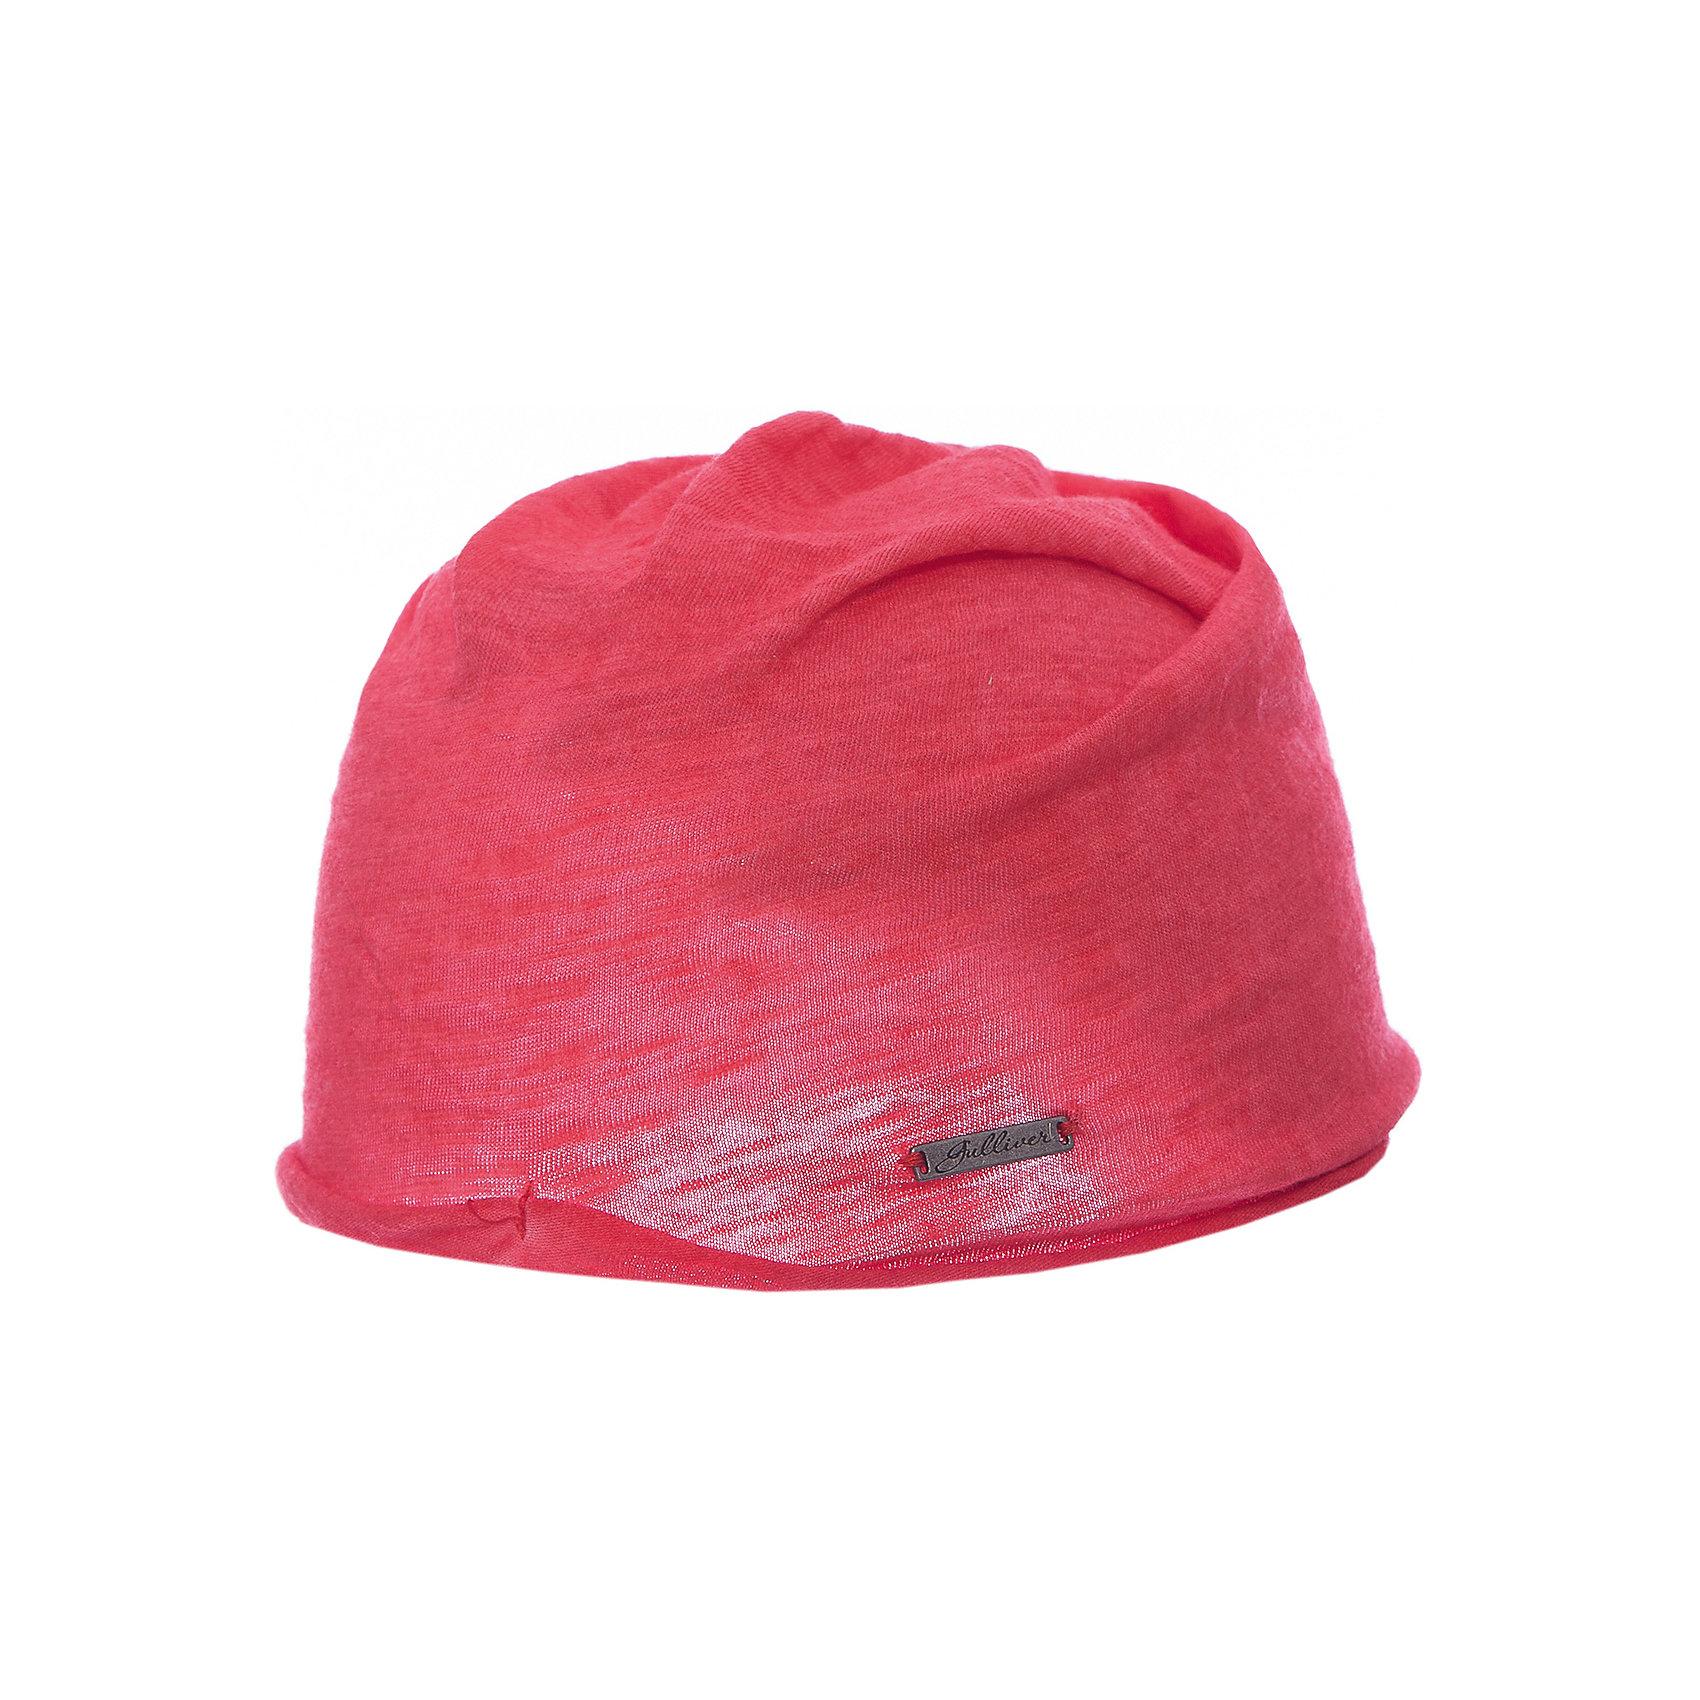 Шапка для девочки GulliverГоловные уборы<br>Яркая вязаная шапка красиво завершит образ, сделав его новым, свежим, интересным. Если вы хотите сформировать модный позитивный весенне-летний гардероб юной леди, коралловая шапка с изящным руликом и брендированной металлической накладкой - отличный выбор.<br>Состав:<br>100% хлопок<br><br>Ширина мм: 89<br>Глубина мм: 117<br>Высота мм: 44<br>Вес г: 155<br>Цвет: розовый<br>Возраст от месяцев: 24<br>Возраст до месяцев: 36<br>Пол: Женский<br>Возраст: Детский<br>Размер: 50,52<br>SKU: 5483738